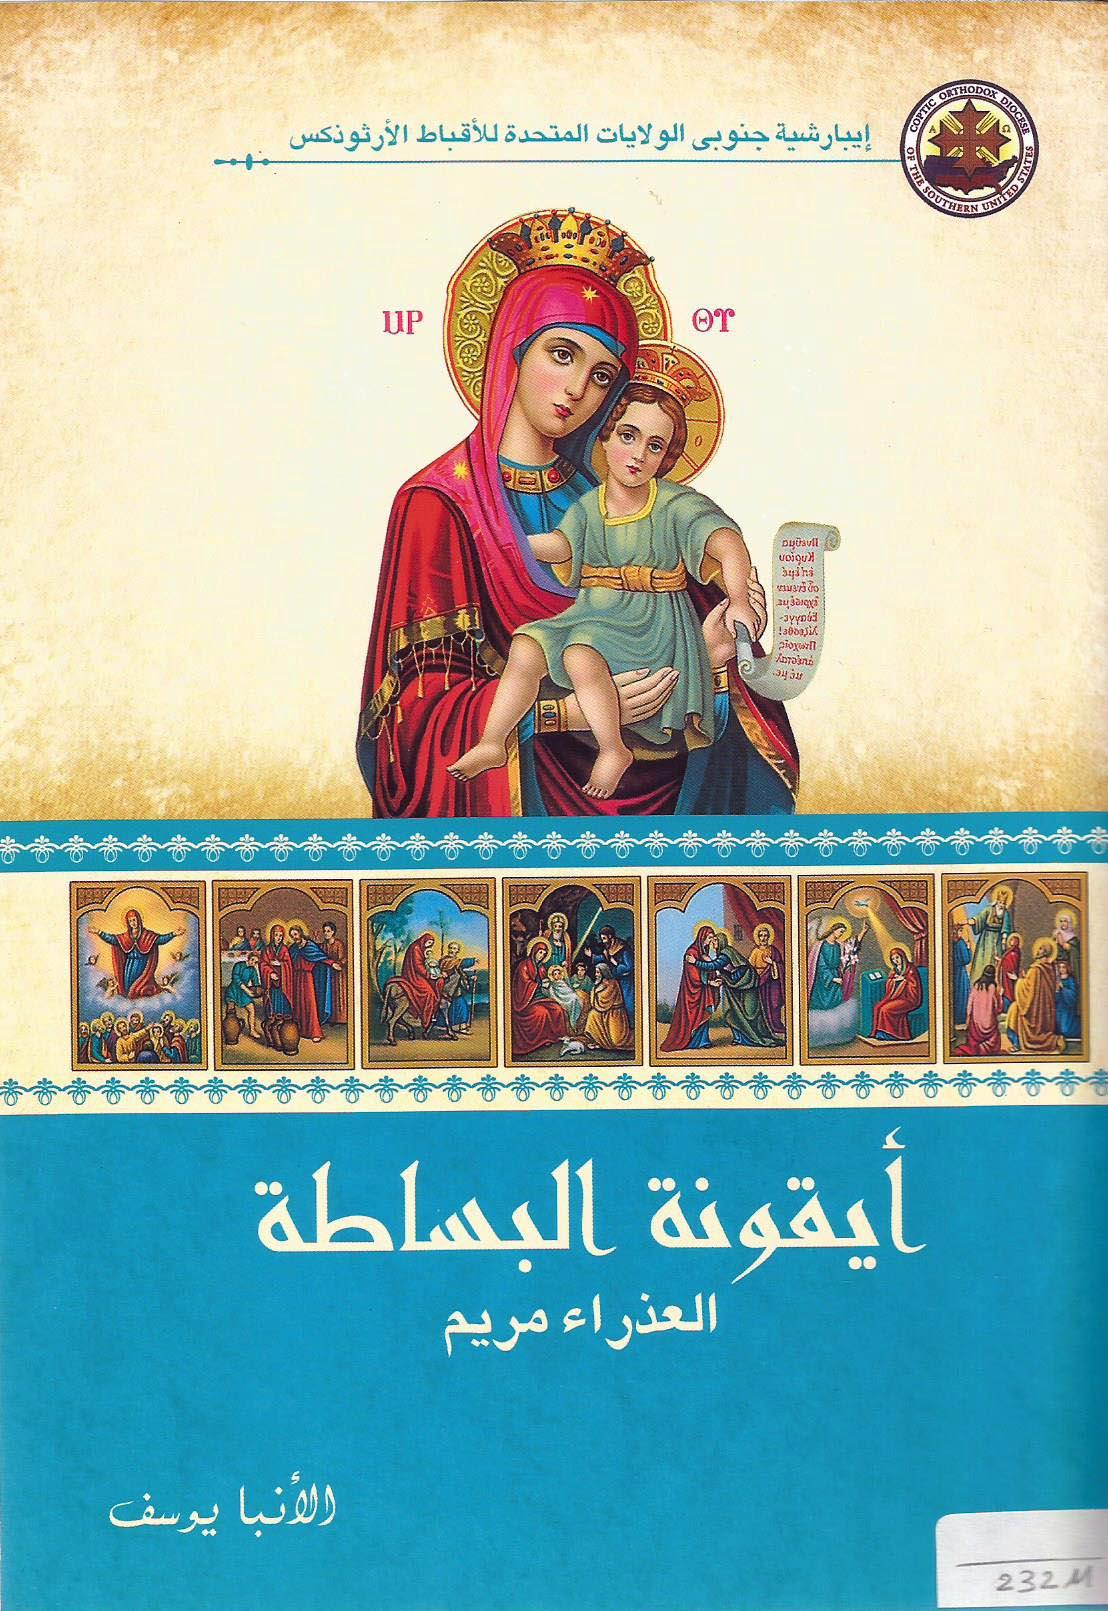 ايقونة البساطة العذراء مريم